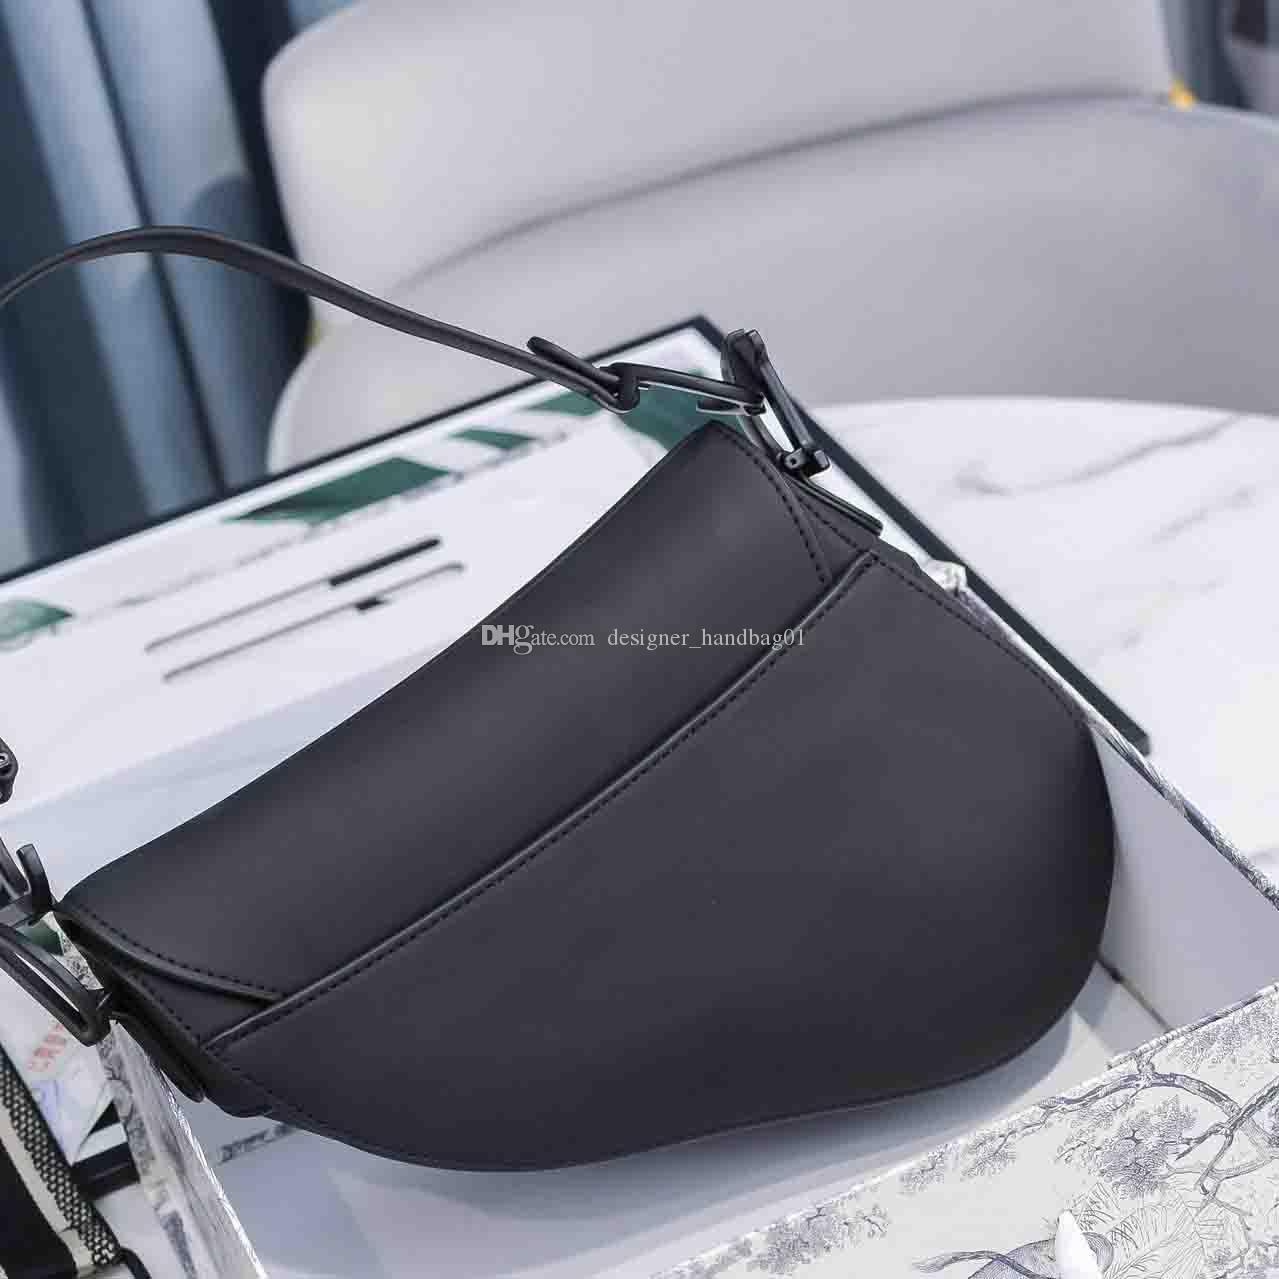 2019 새로운 패션 클래식 여자 숄더 가방 안장 가방 패션 금속 편지 핸드백 스타일 멋진 액세서리 상자